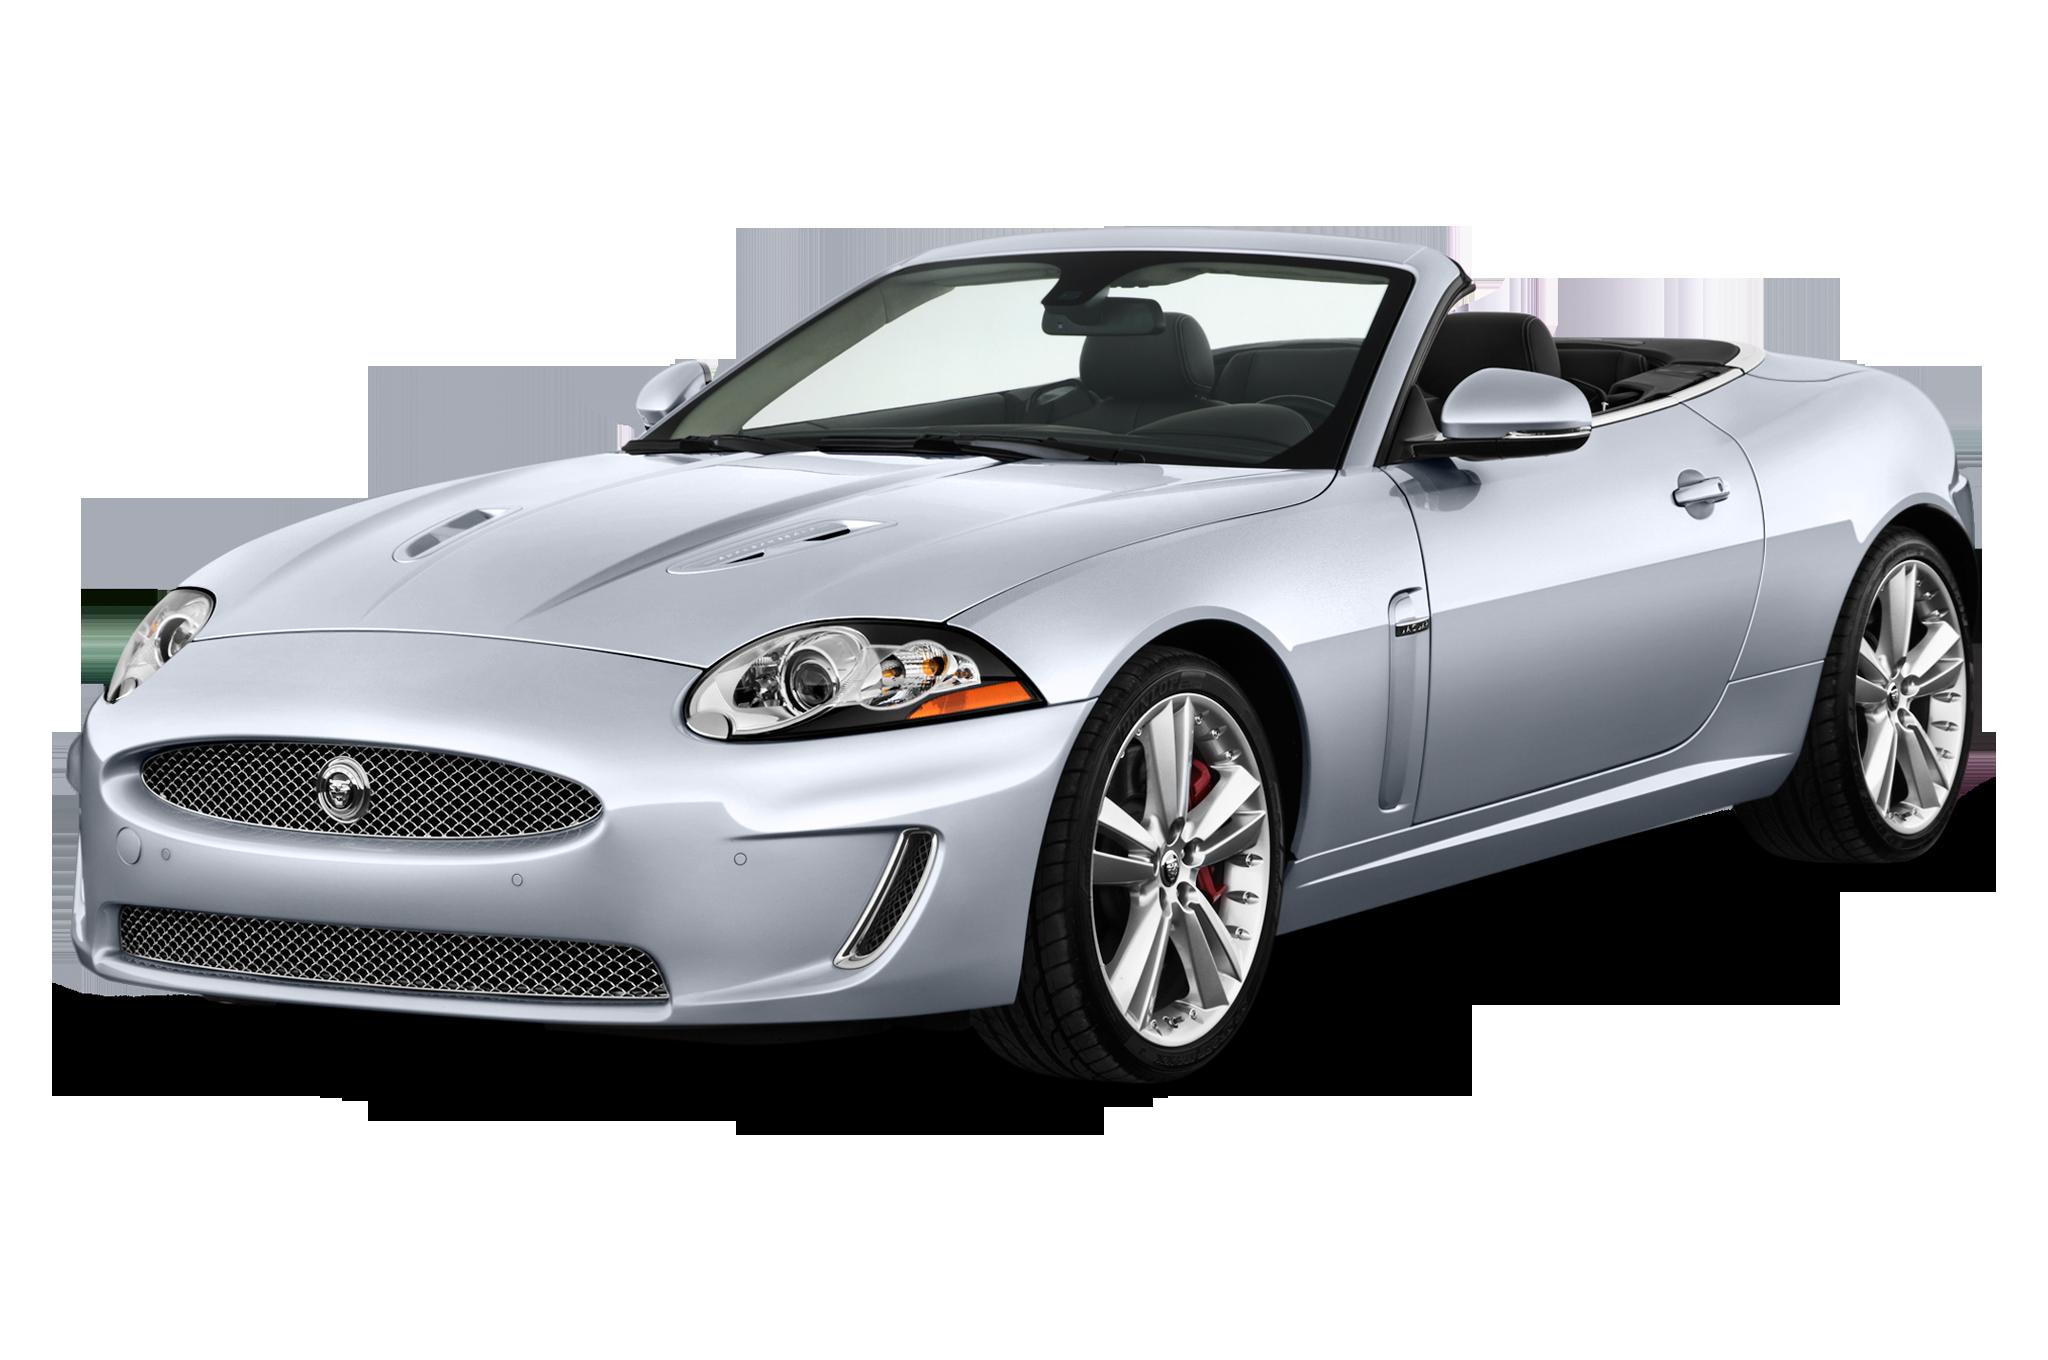 2017 Jaguar Xk Series